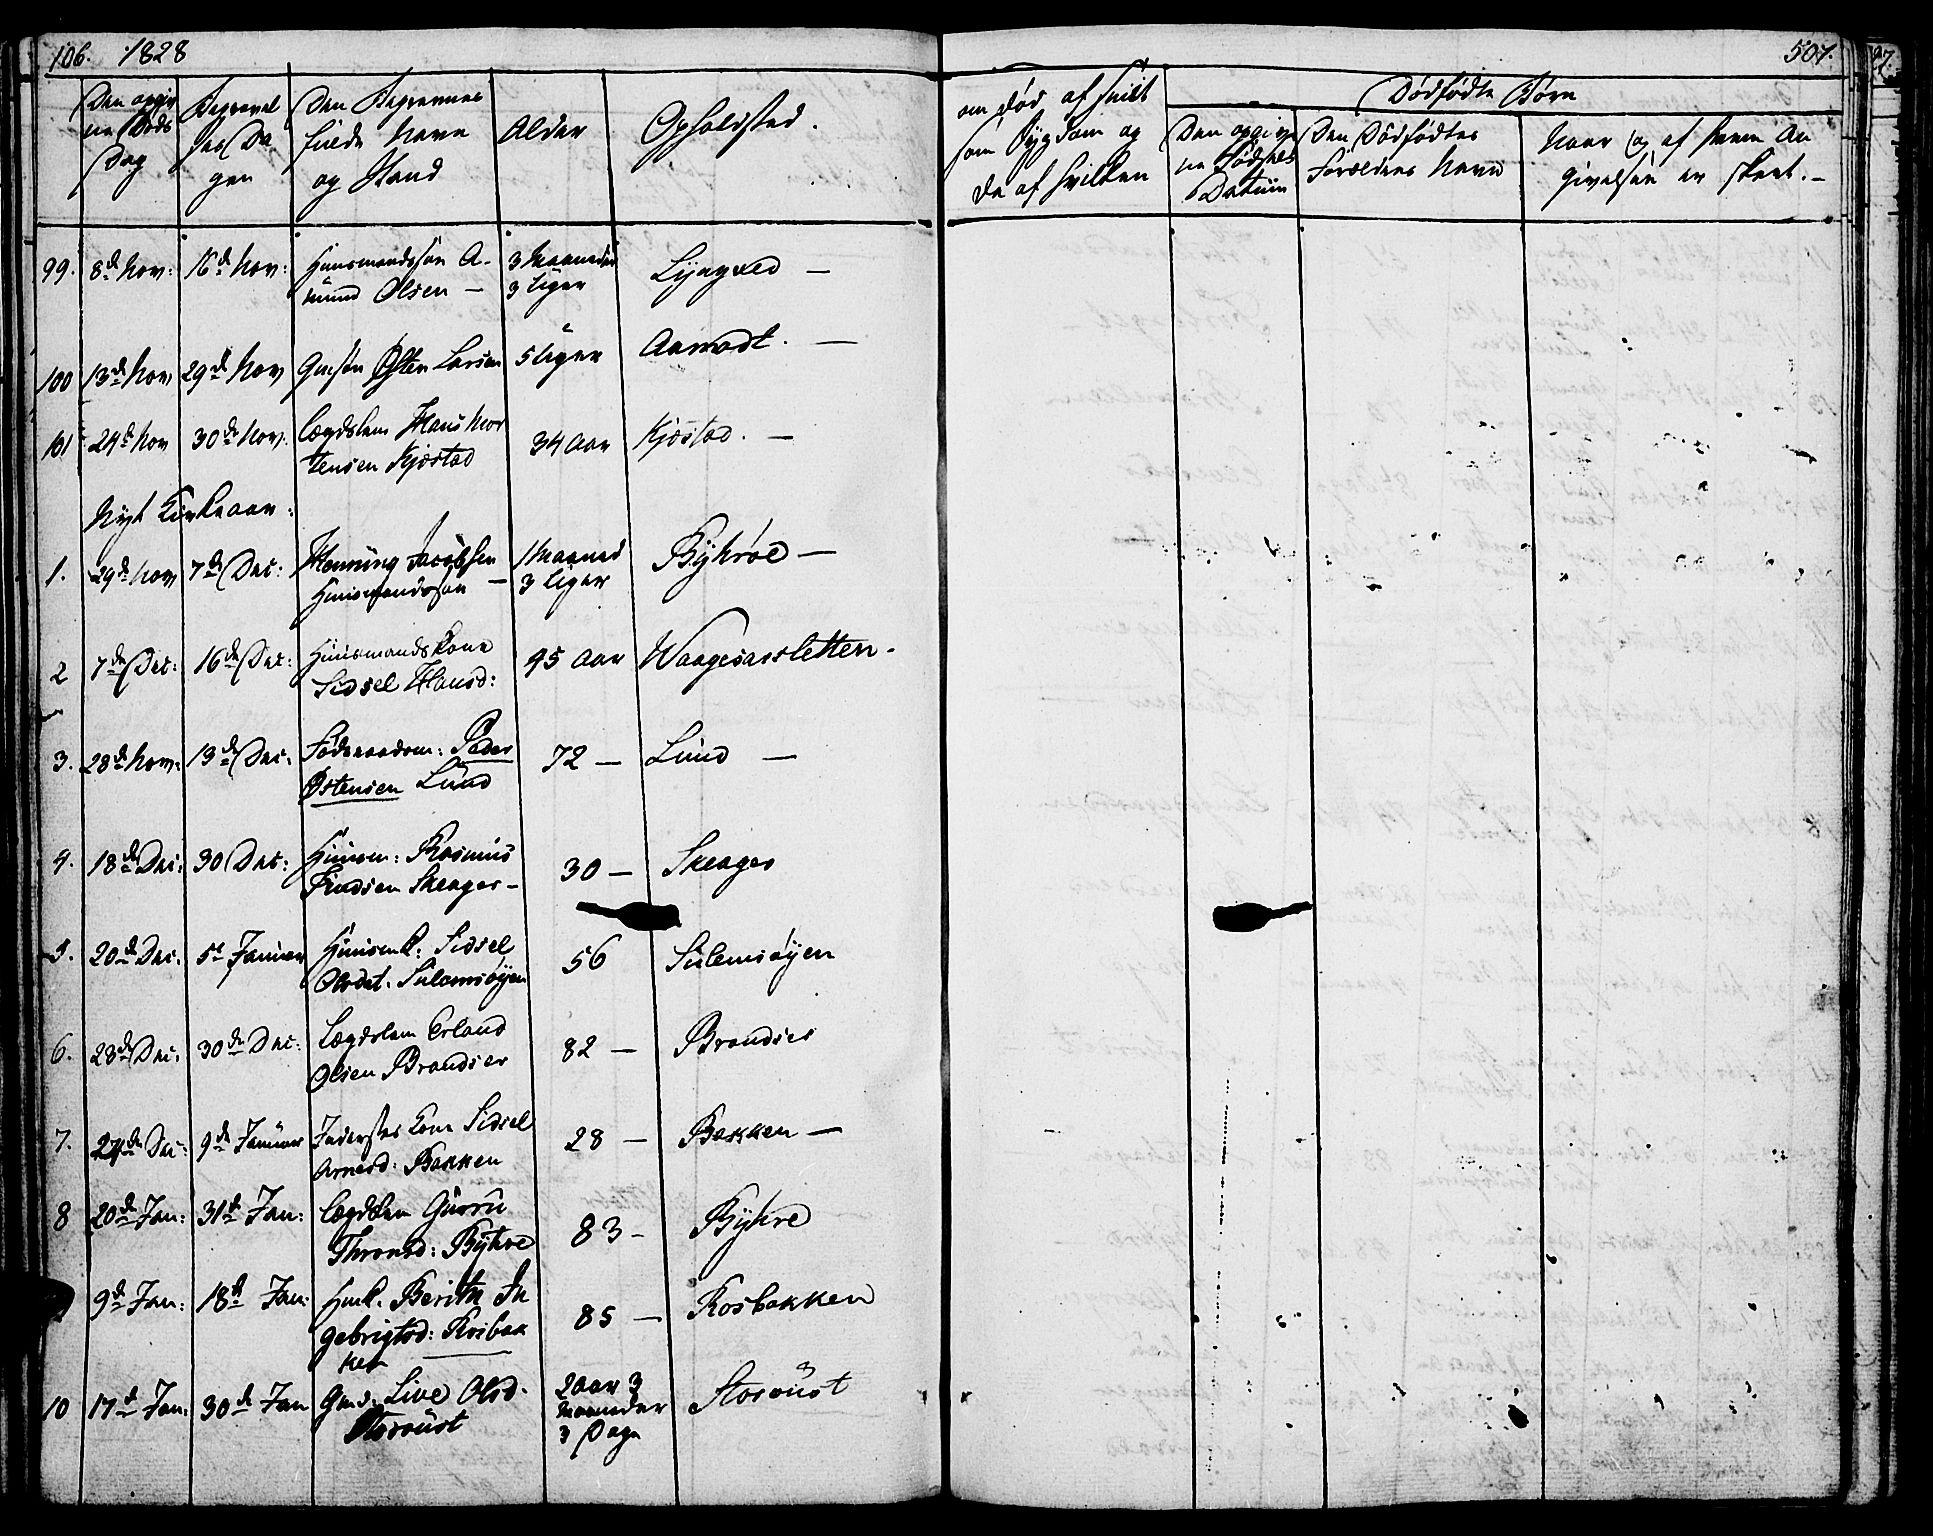 SAH, Lom prestekontor, K/L0005: Ministerialbok nr. 5, 1825-1837, s. 506-507